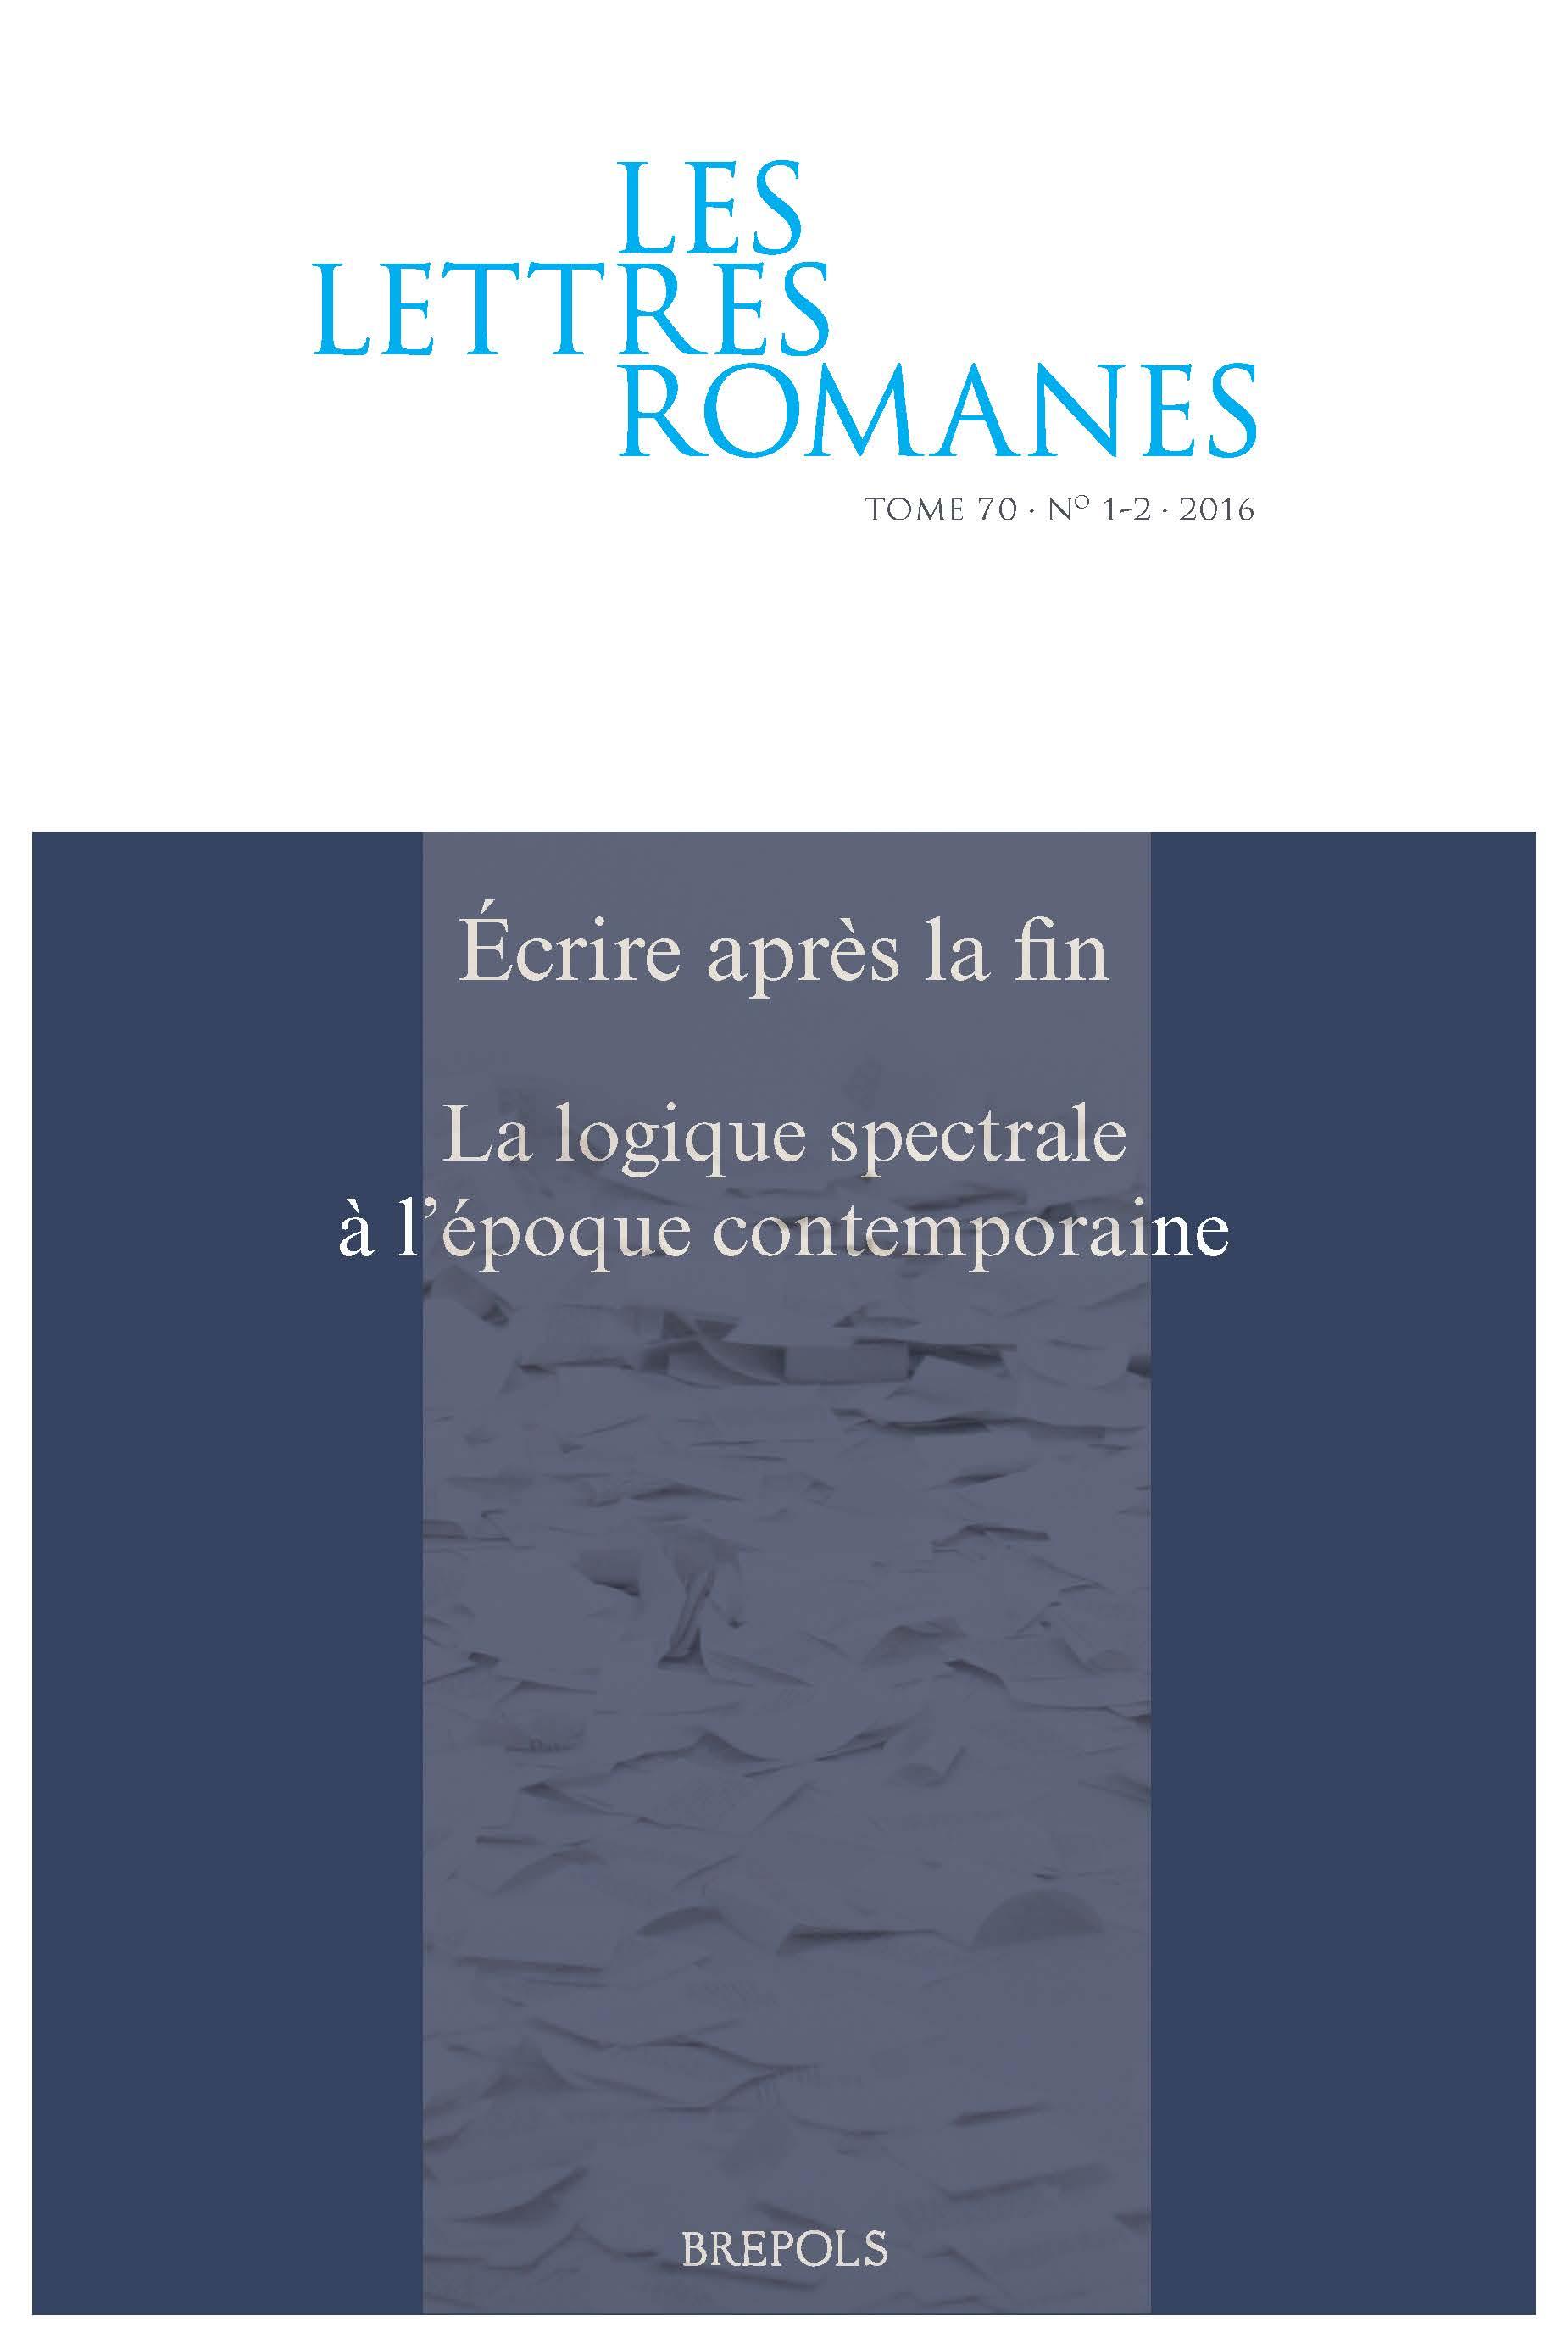 Les Lettres romanes, 70.1-2 :